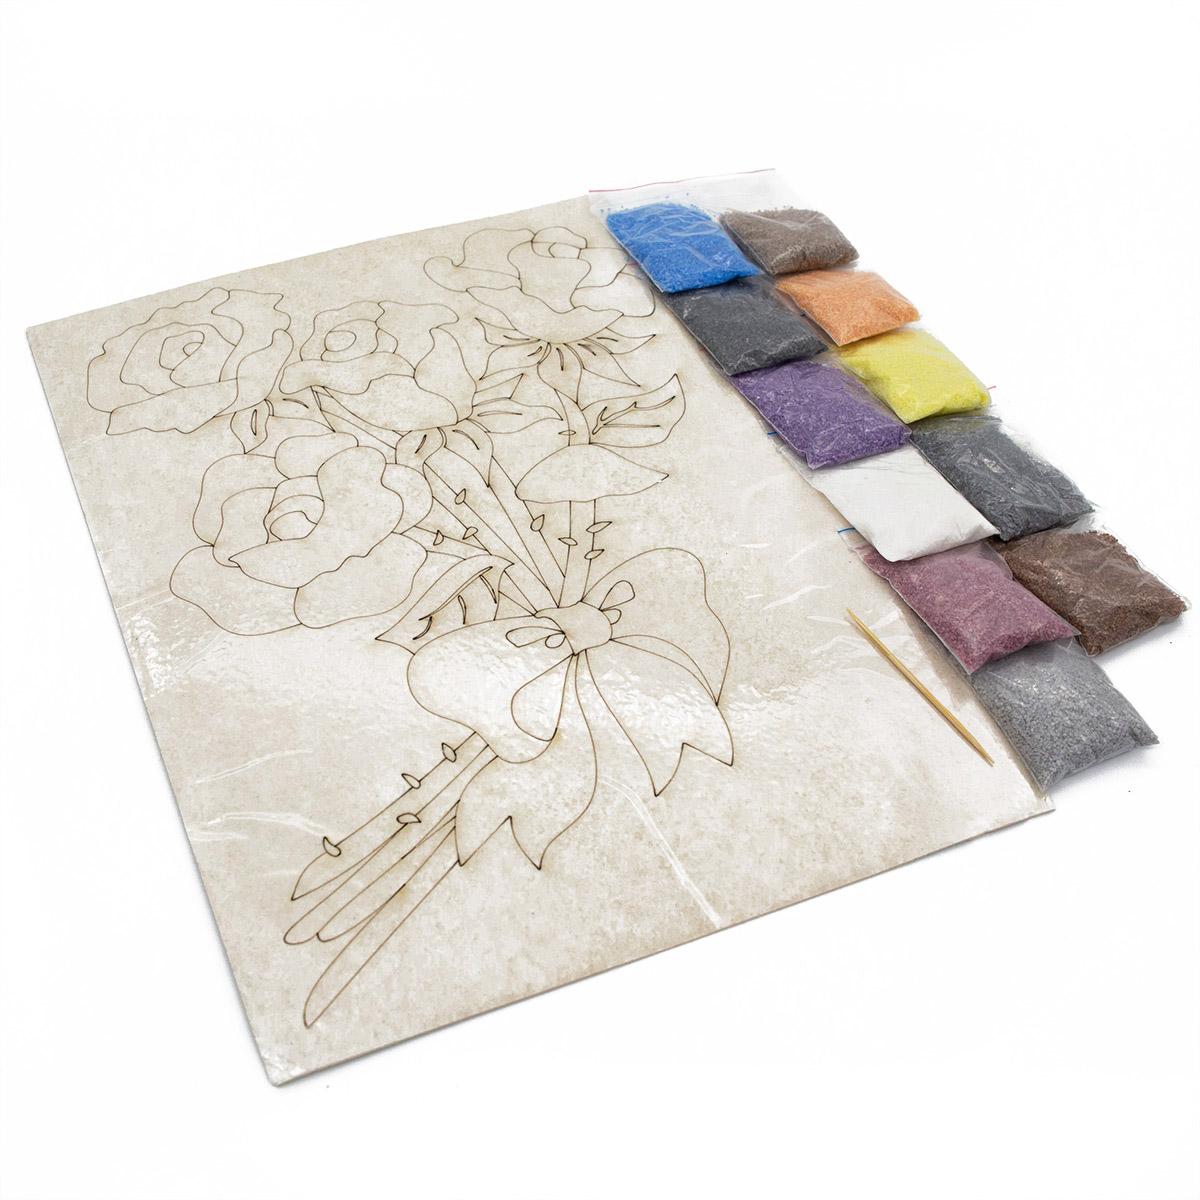 п0000195т Набор для рисования песком с трафаретом 'Розы' 21*30см